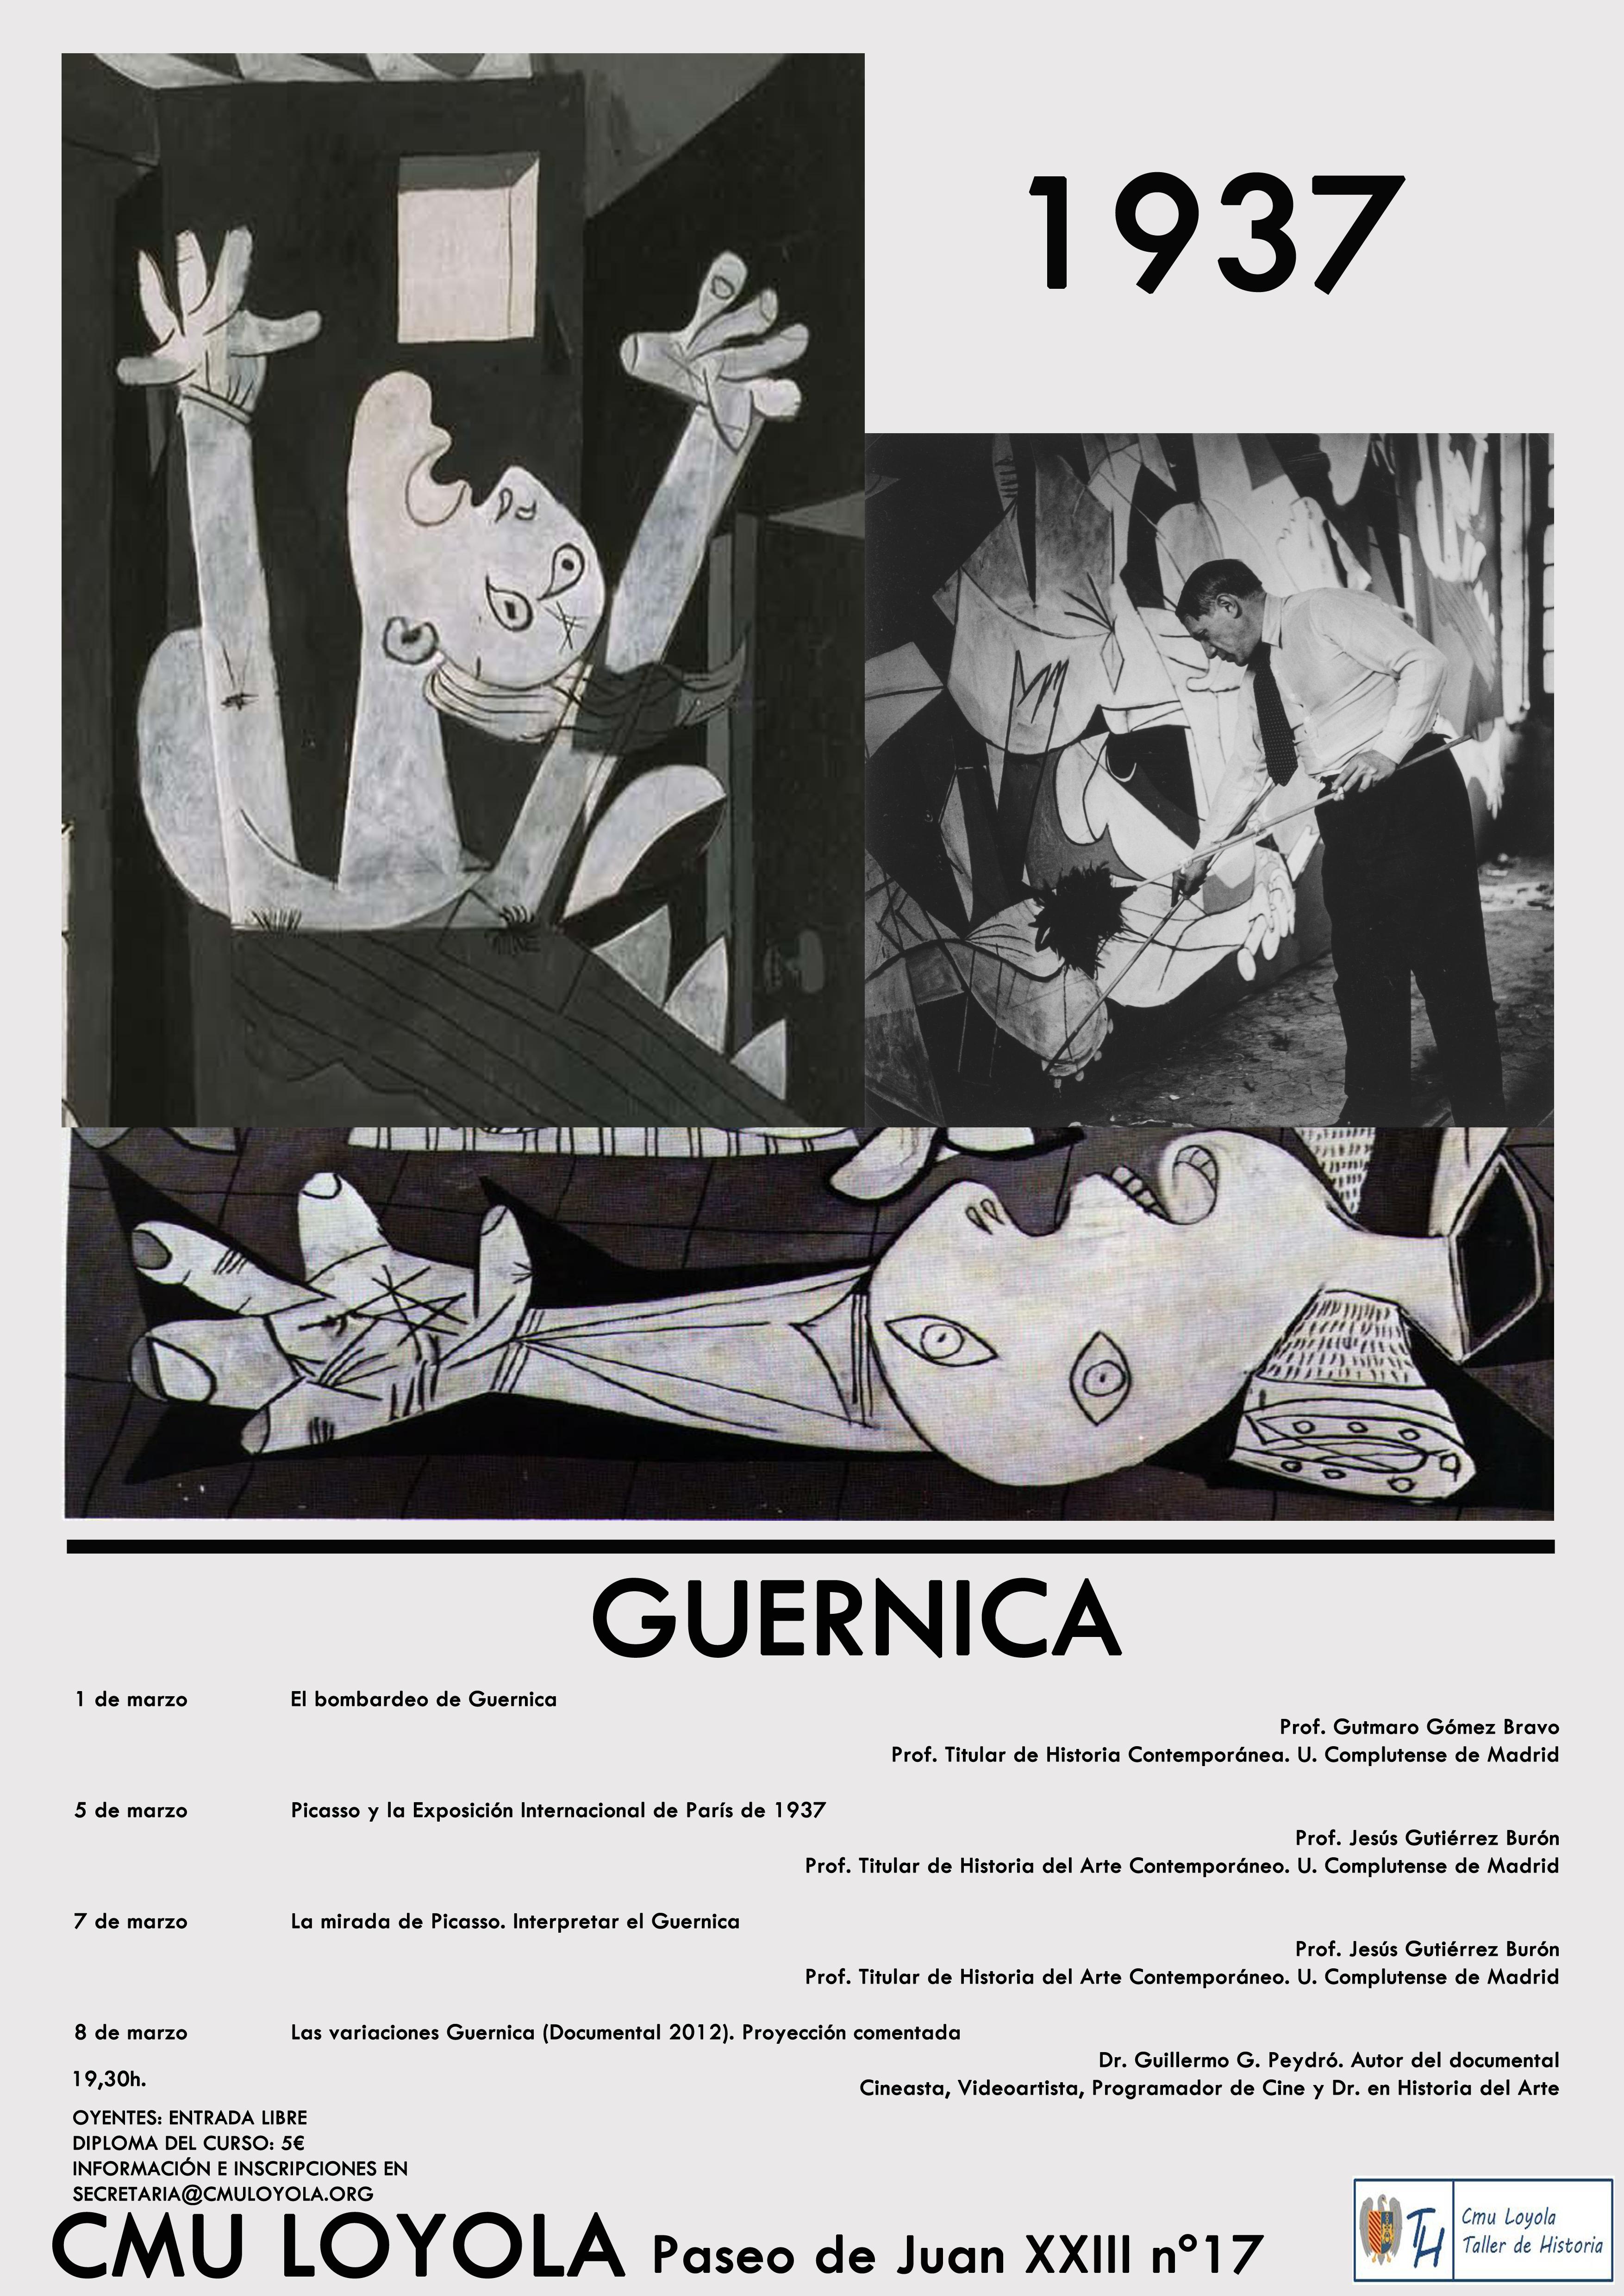 Ciclo de conferencias dedicado al Guernica de Picasso